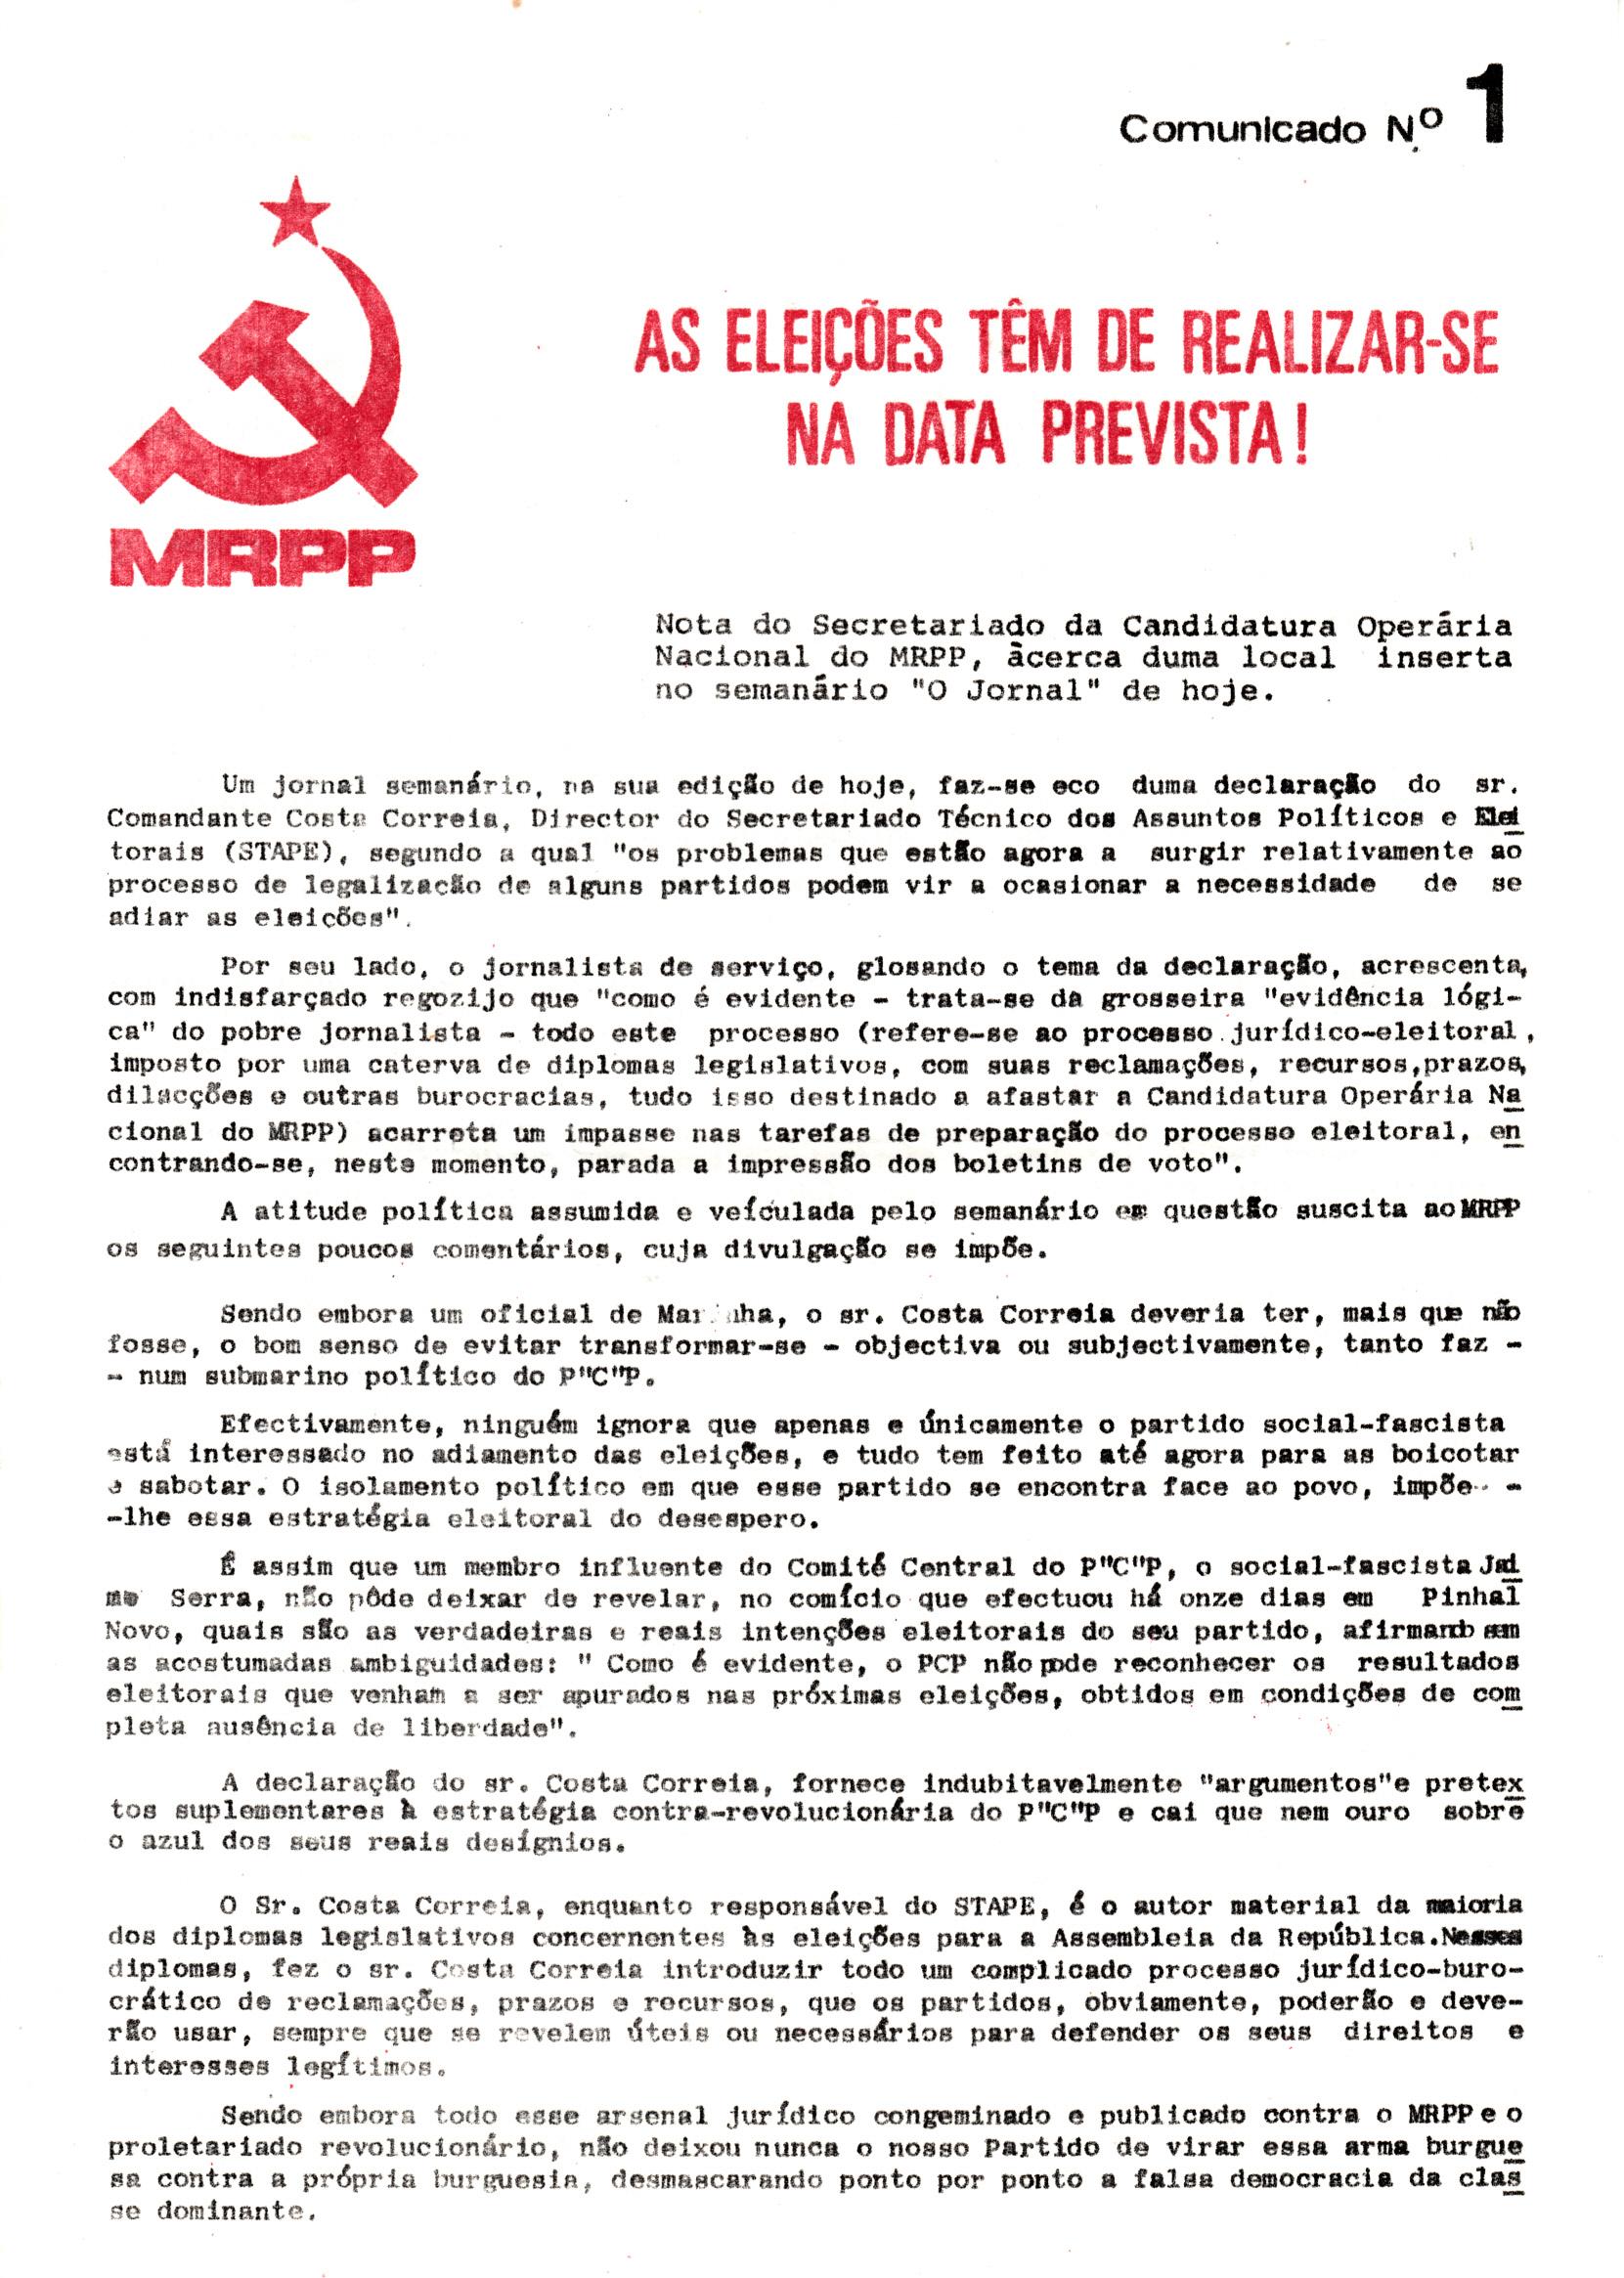 MRPP_1976_03_19_0001